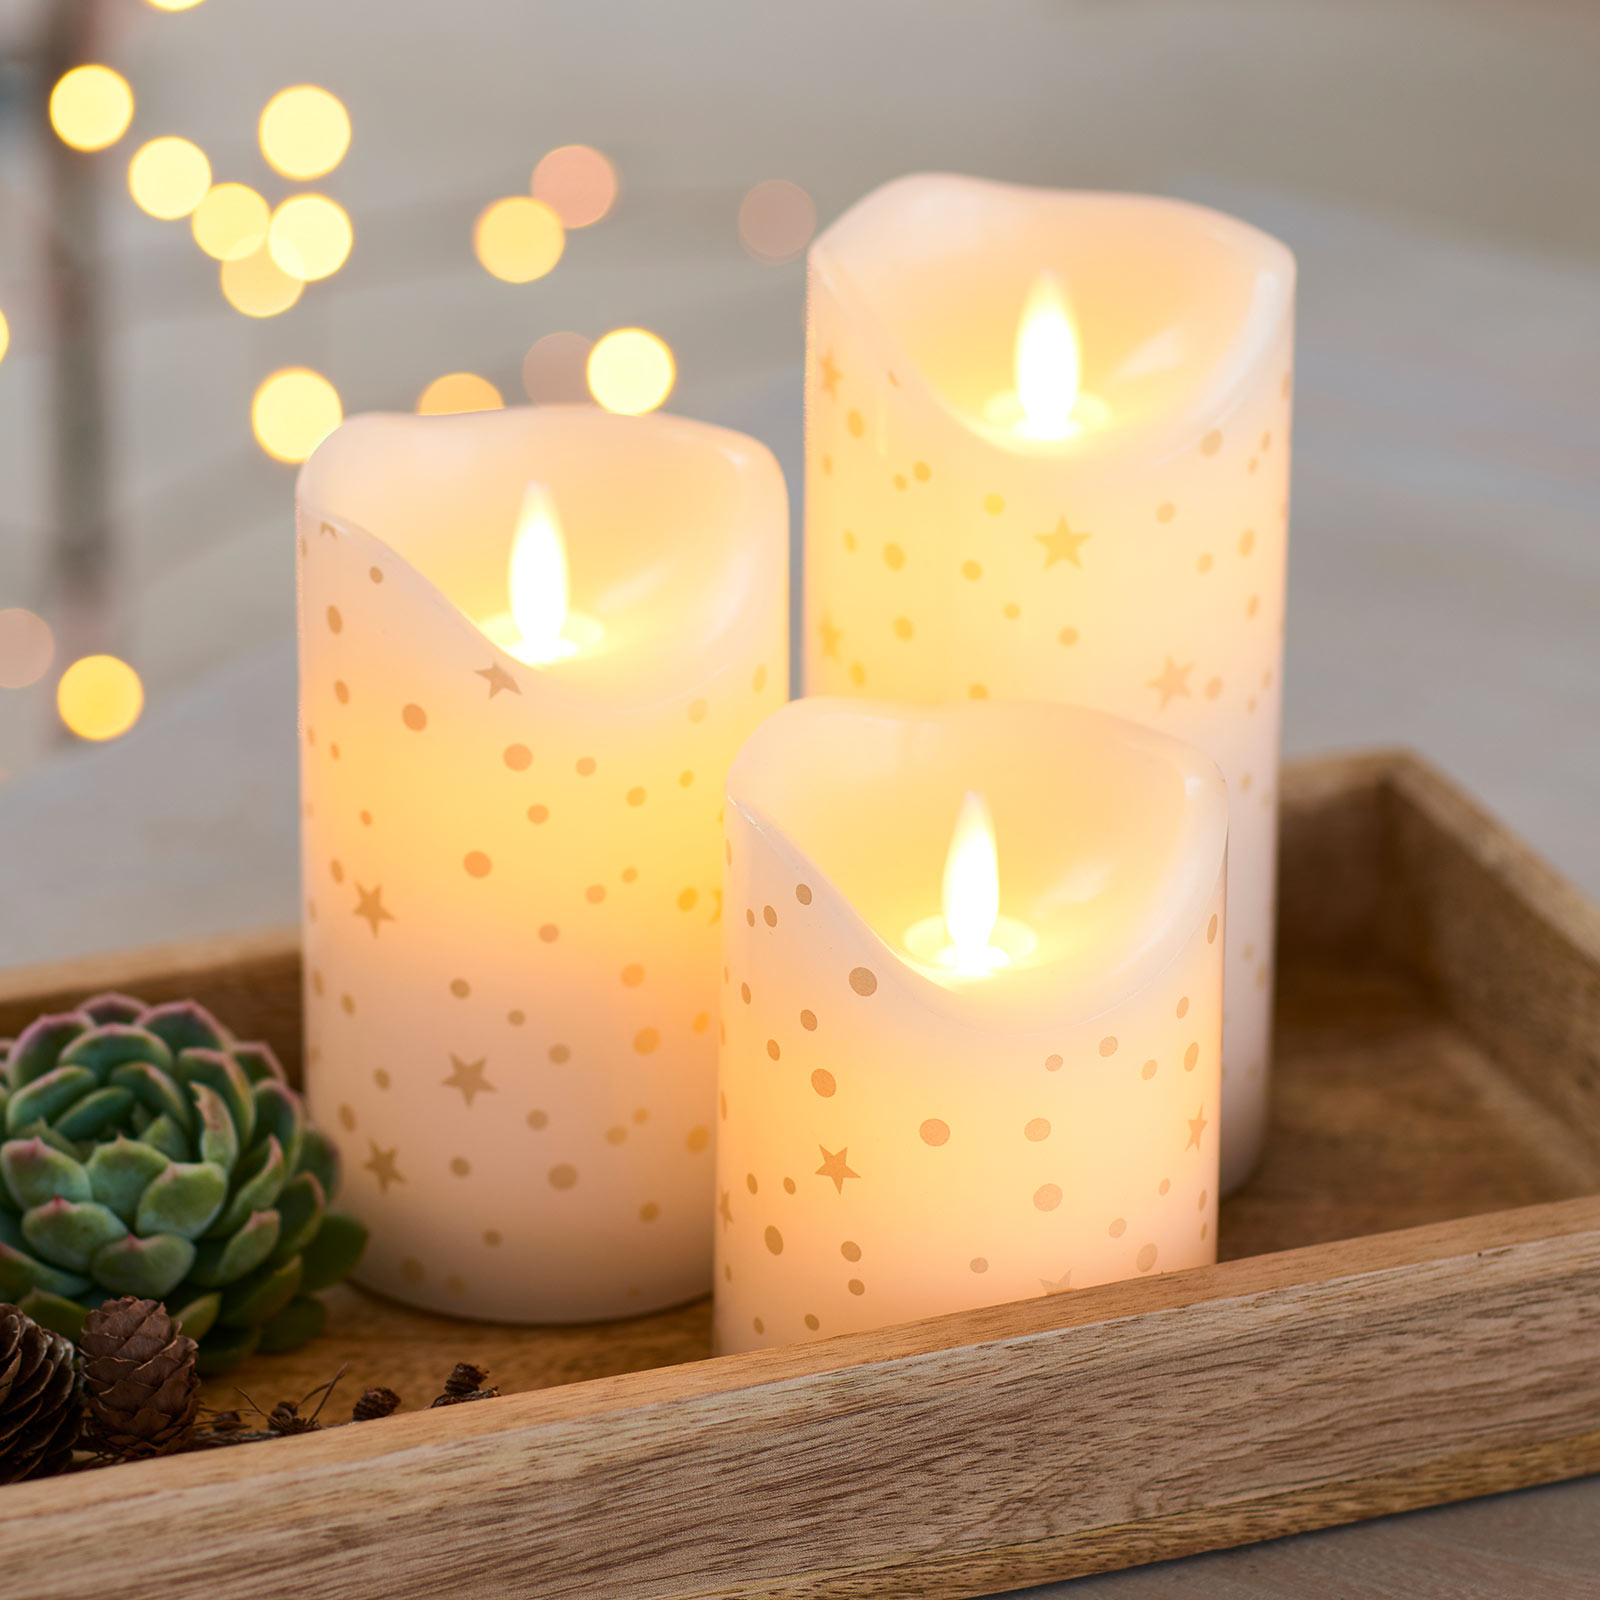 Set 3 candele LED Sara romantic bianco/oro 10-15cm